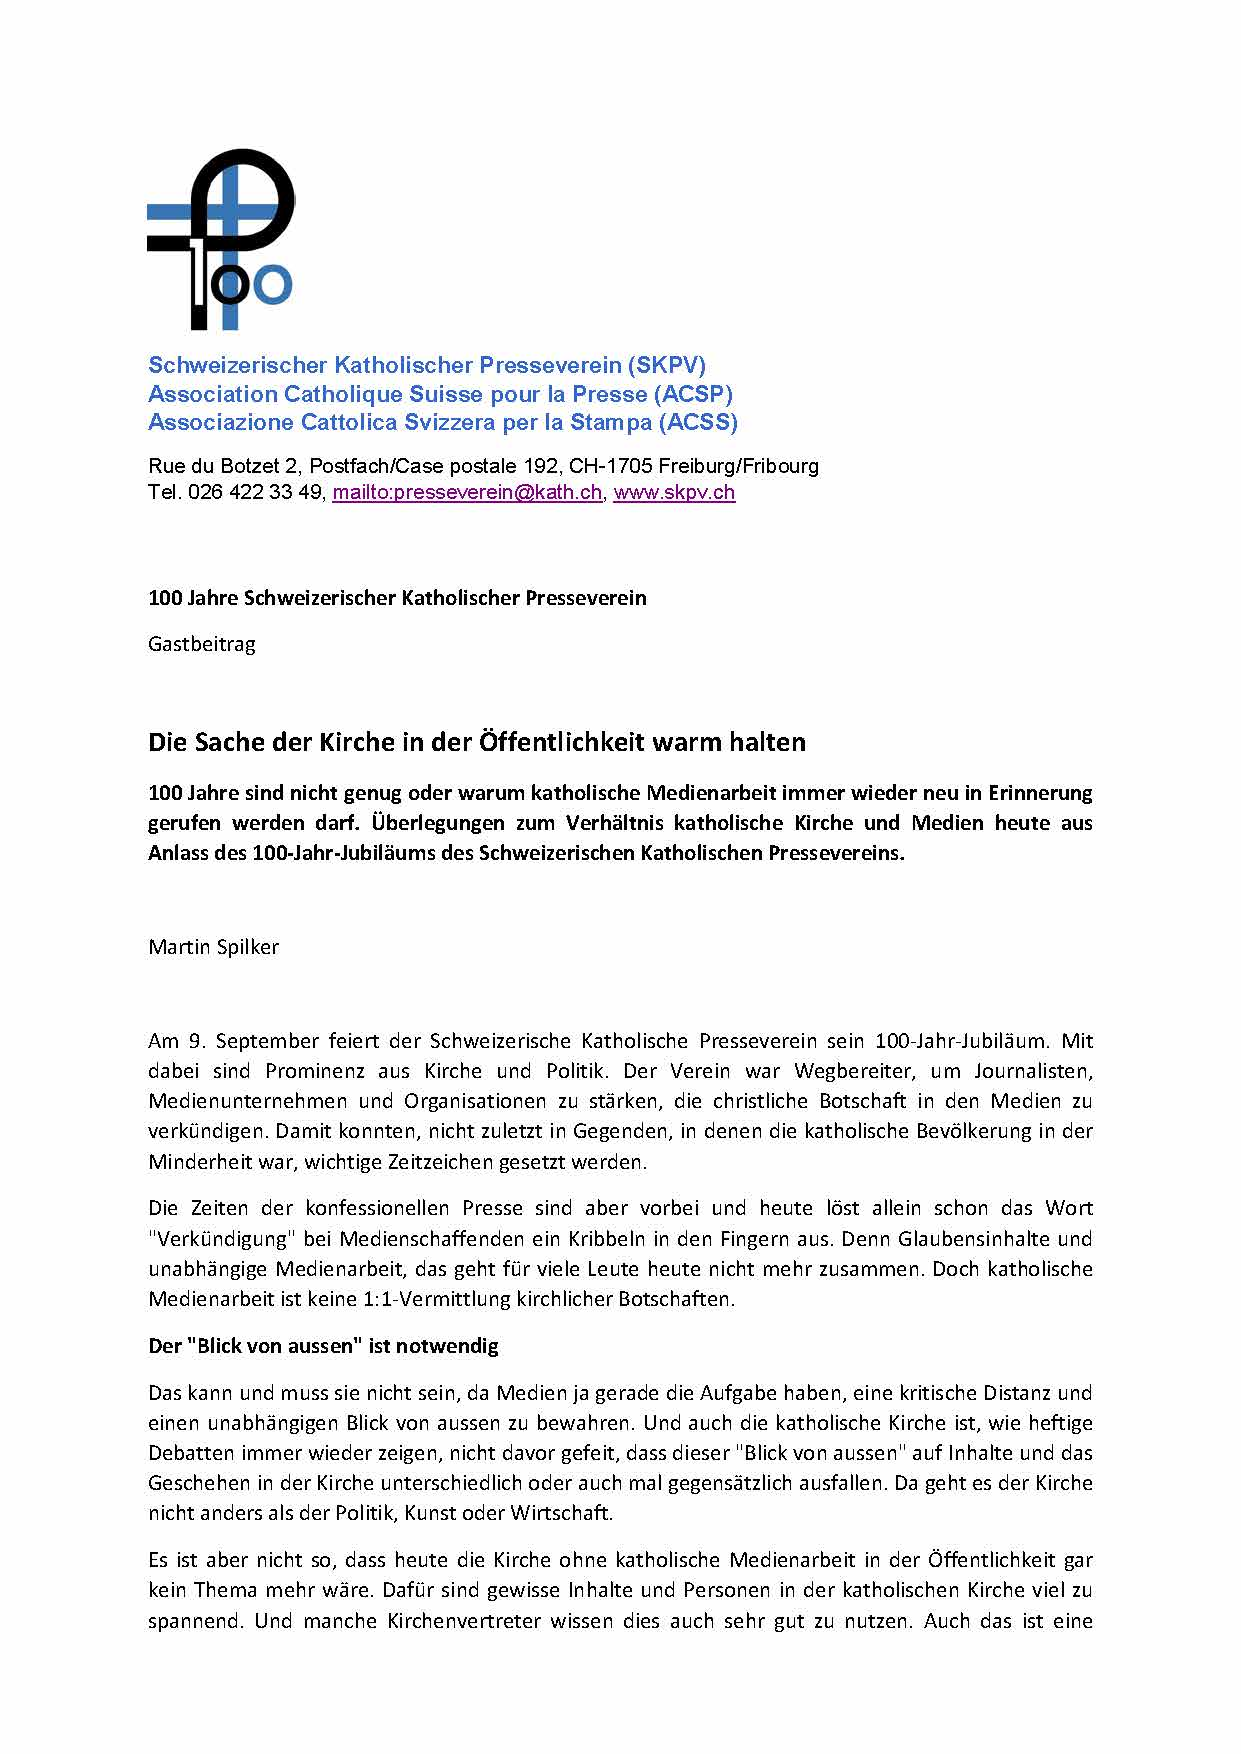 Leitartikel Kirche Und Medien Martin Spilker